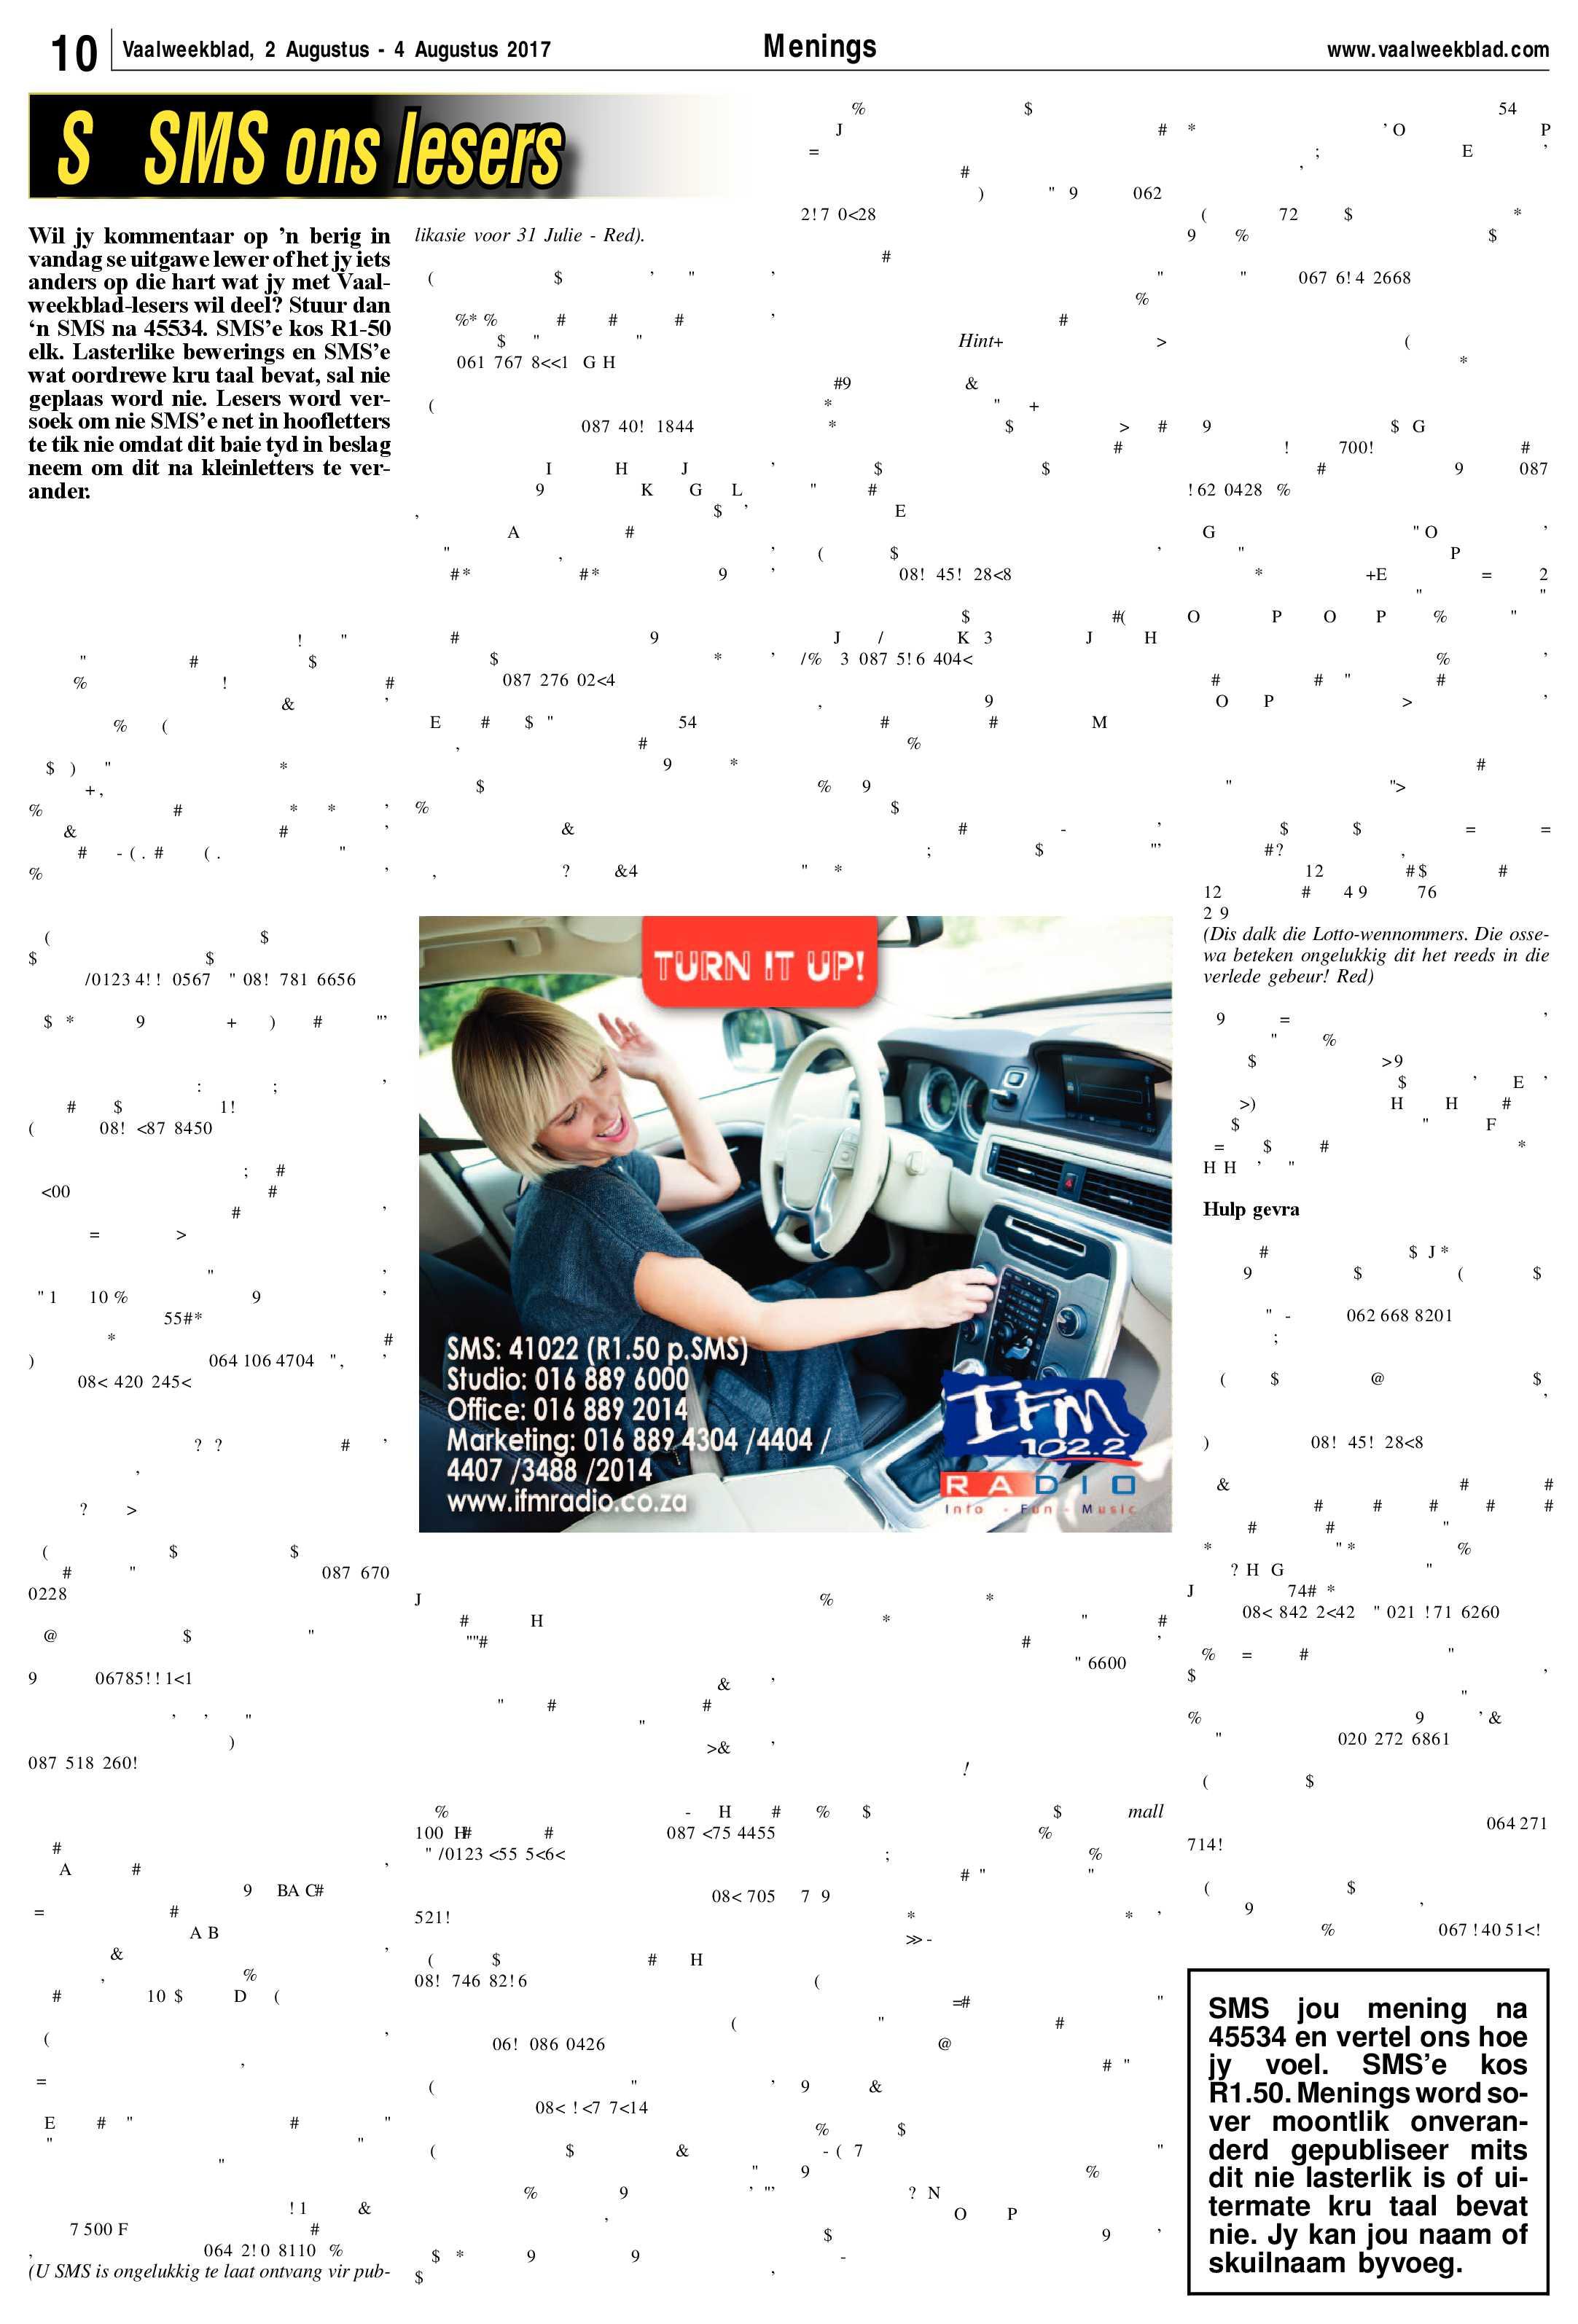 vaalweekblad-2-4-augustus-2017-epapers-page-10